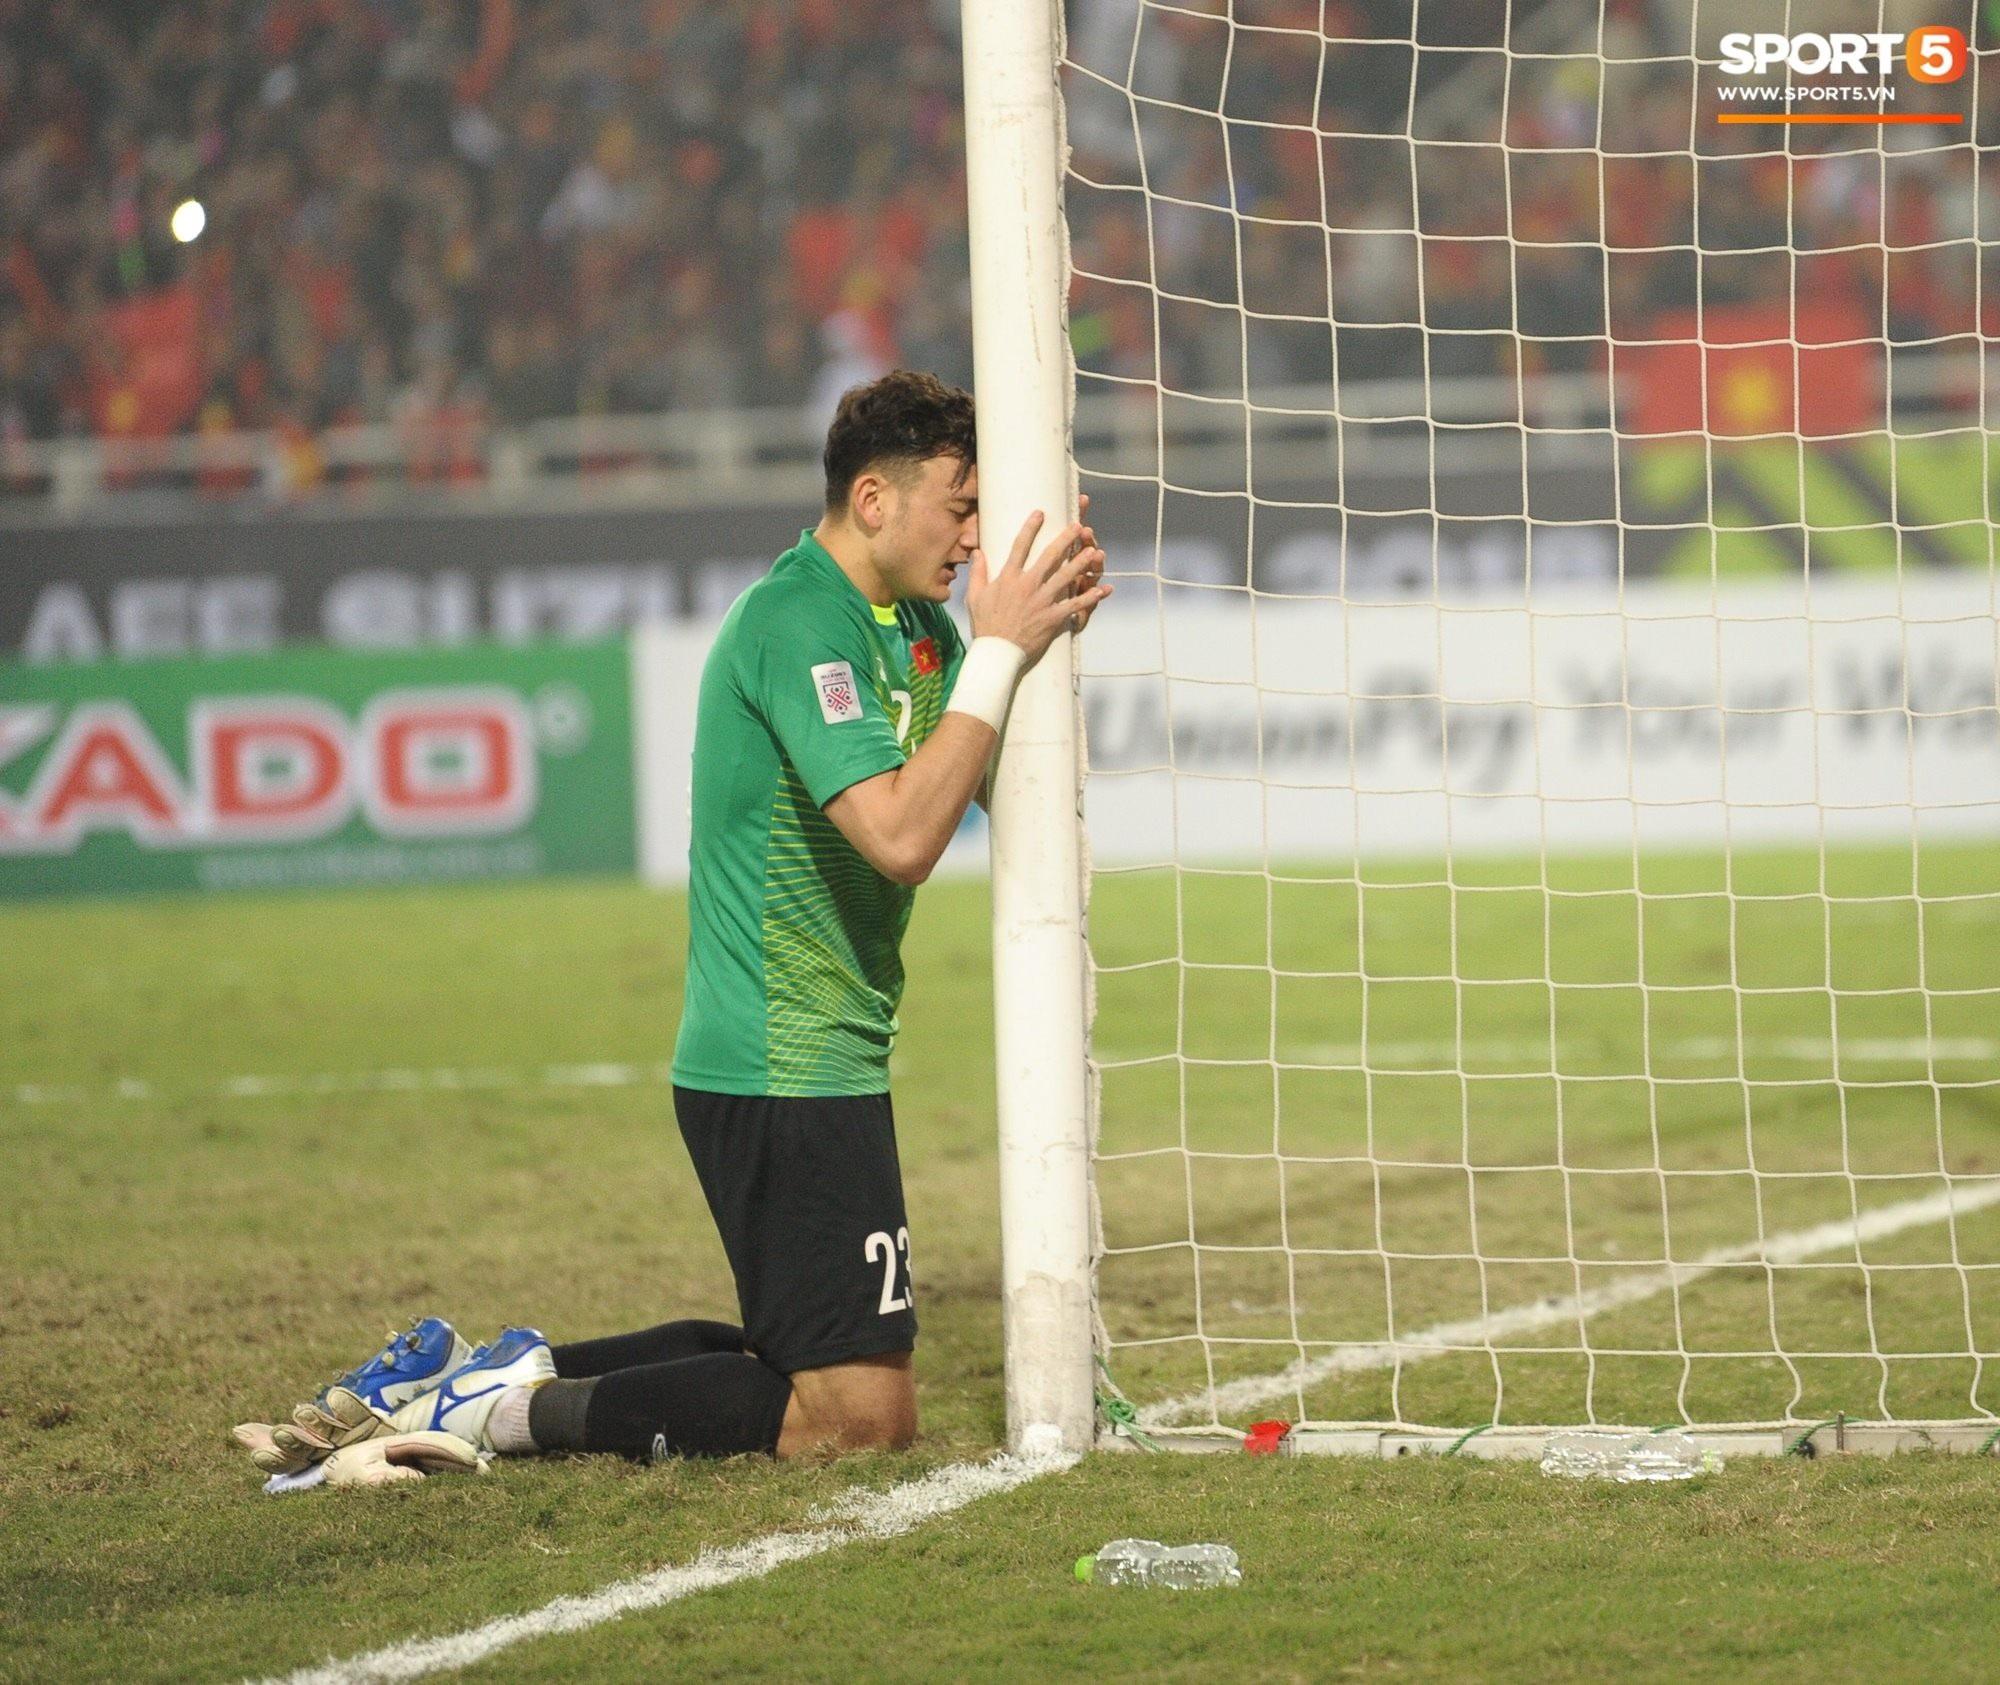 'Thủ thành bất bại' Văn Lâm của trận chung kết AFF Cup: Cứ lọt vào khung hình là đẹp tựa diễn viên chính phim thần tượng - Ảnh 1